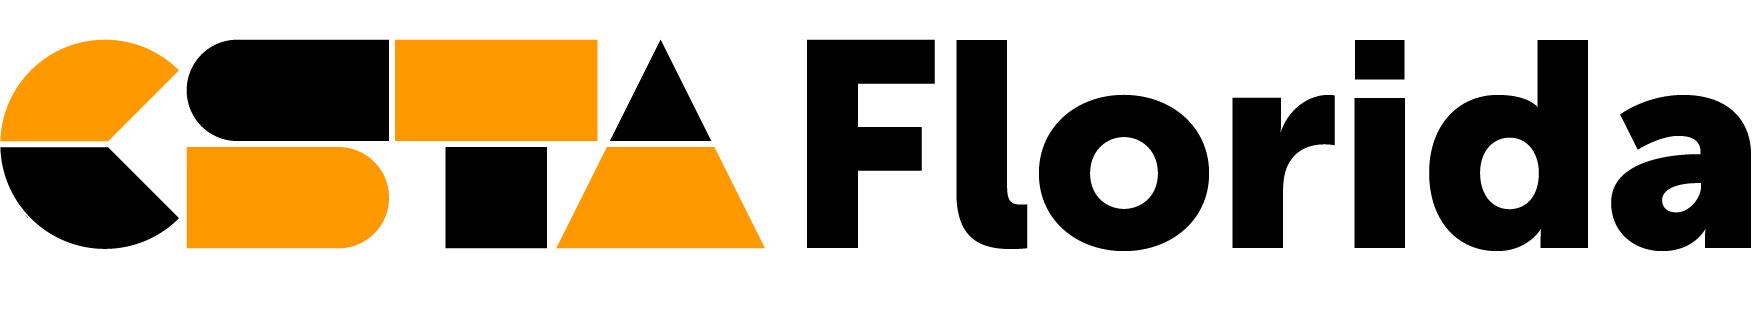 CSTA Florida logo